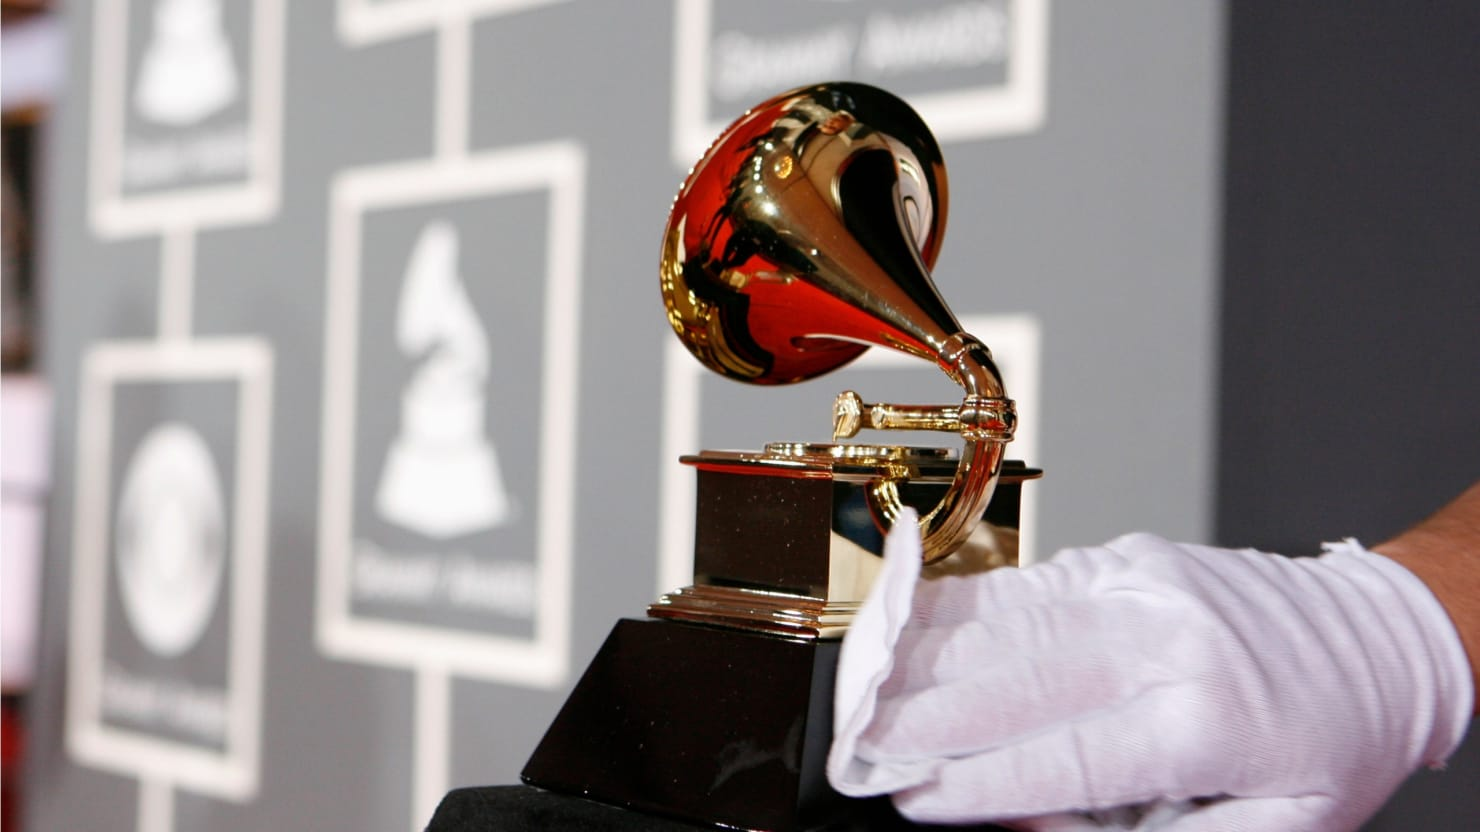 Grammys Live Stream